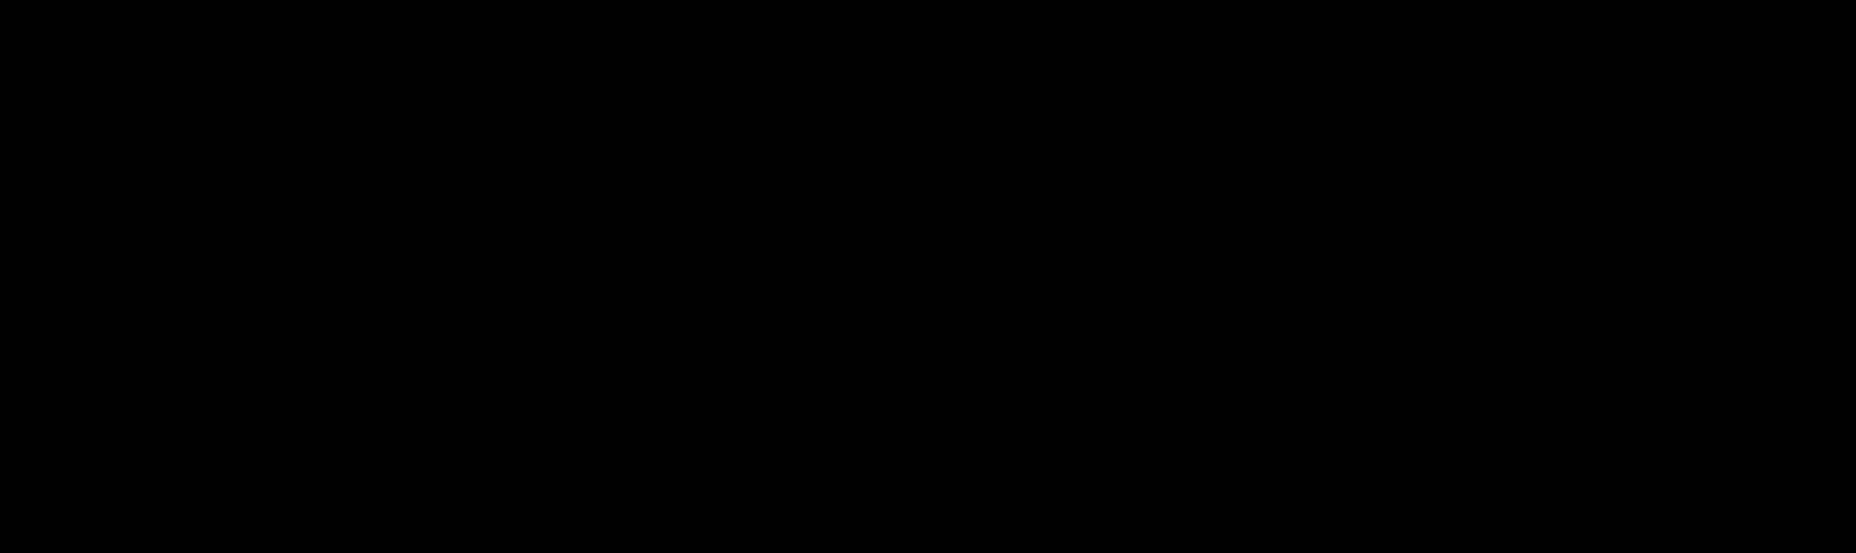 おすすめの5つの配信設定